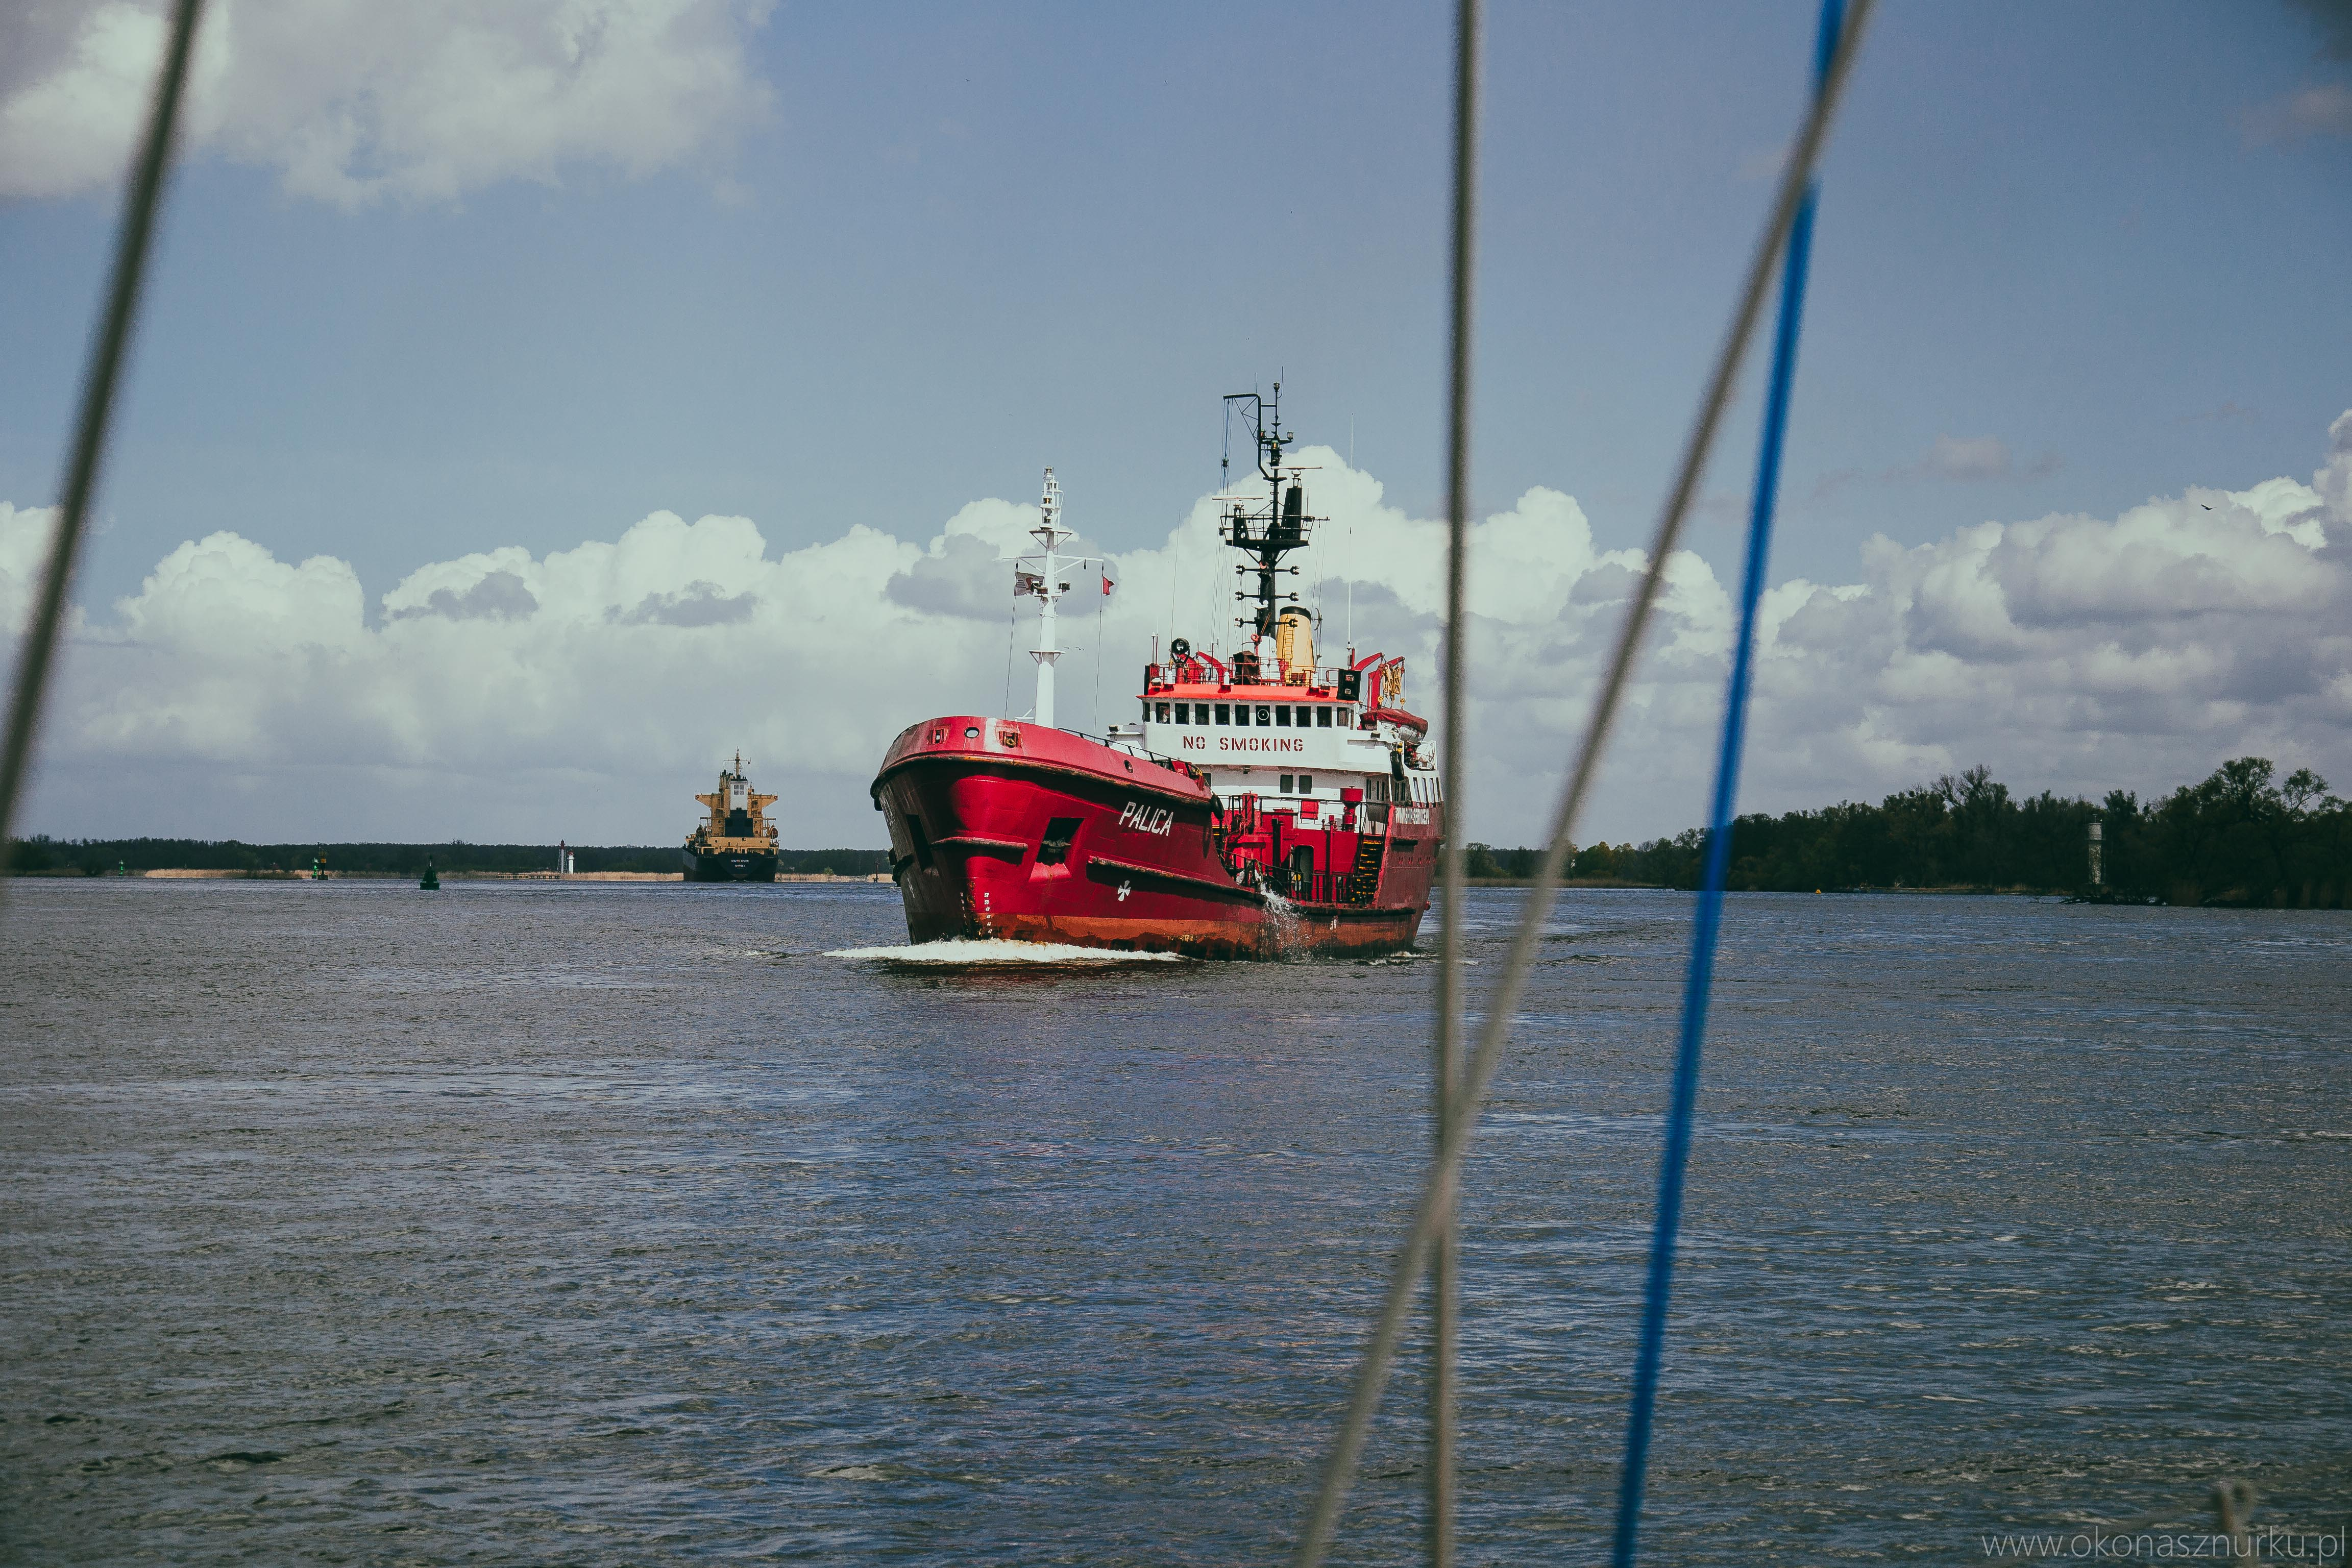 marina-jacht-wyprawy-morskie-silesia-szczecin-goclaw-lubczyna (47)